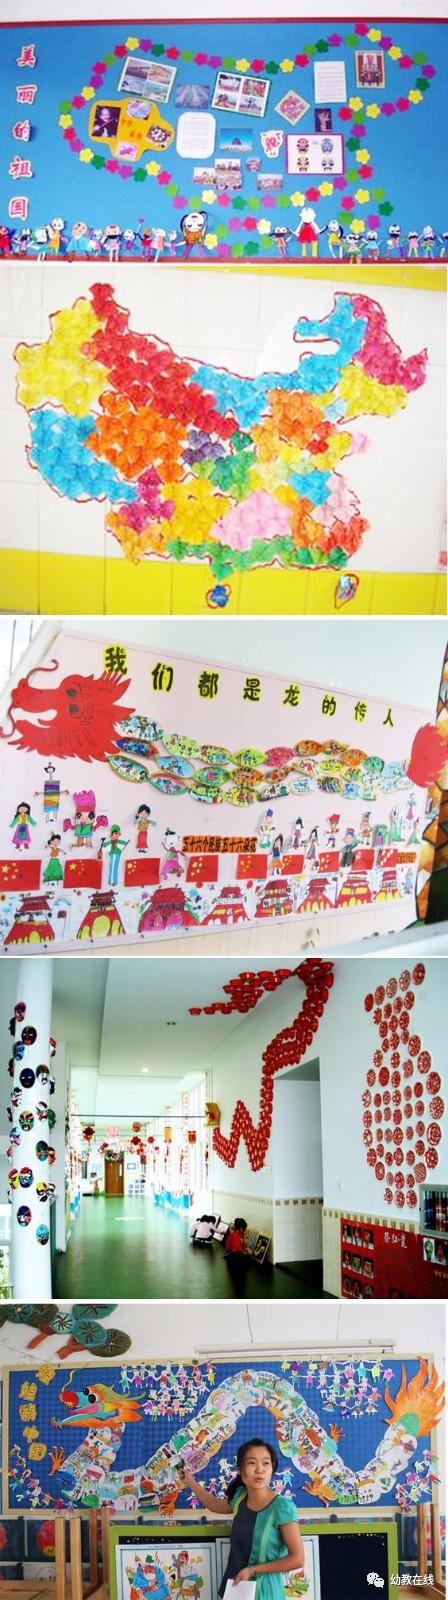 幼儿园国庆节环境布置